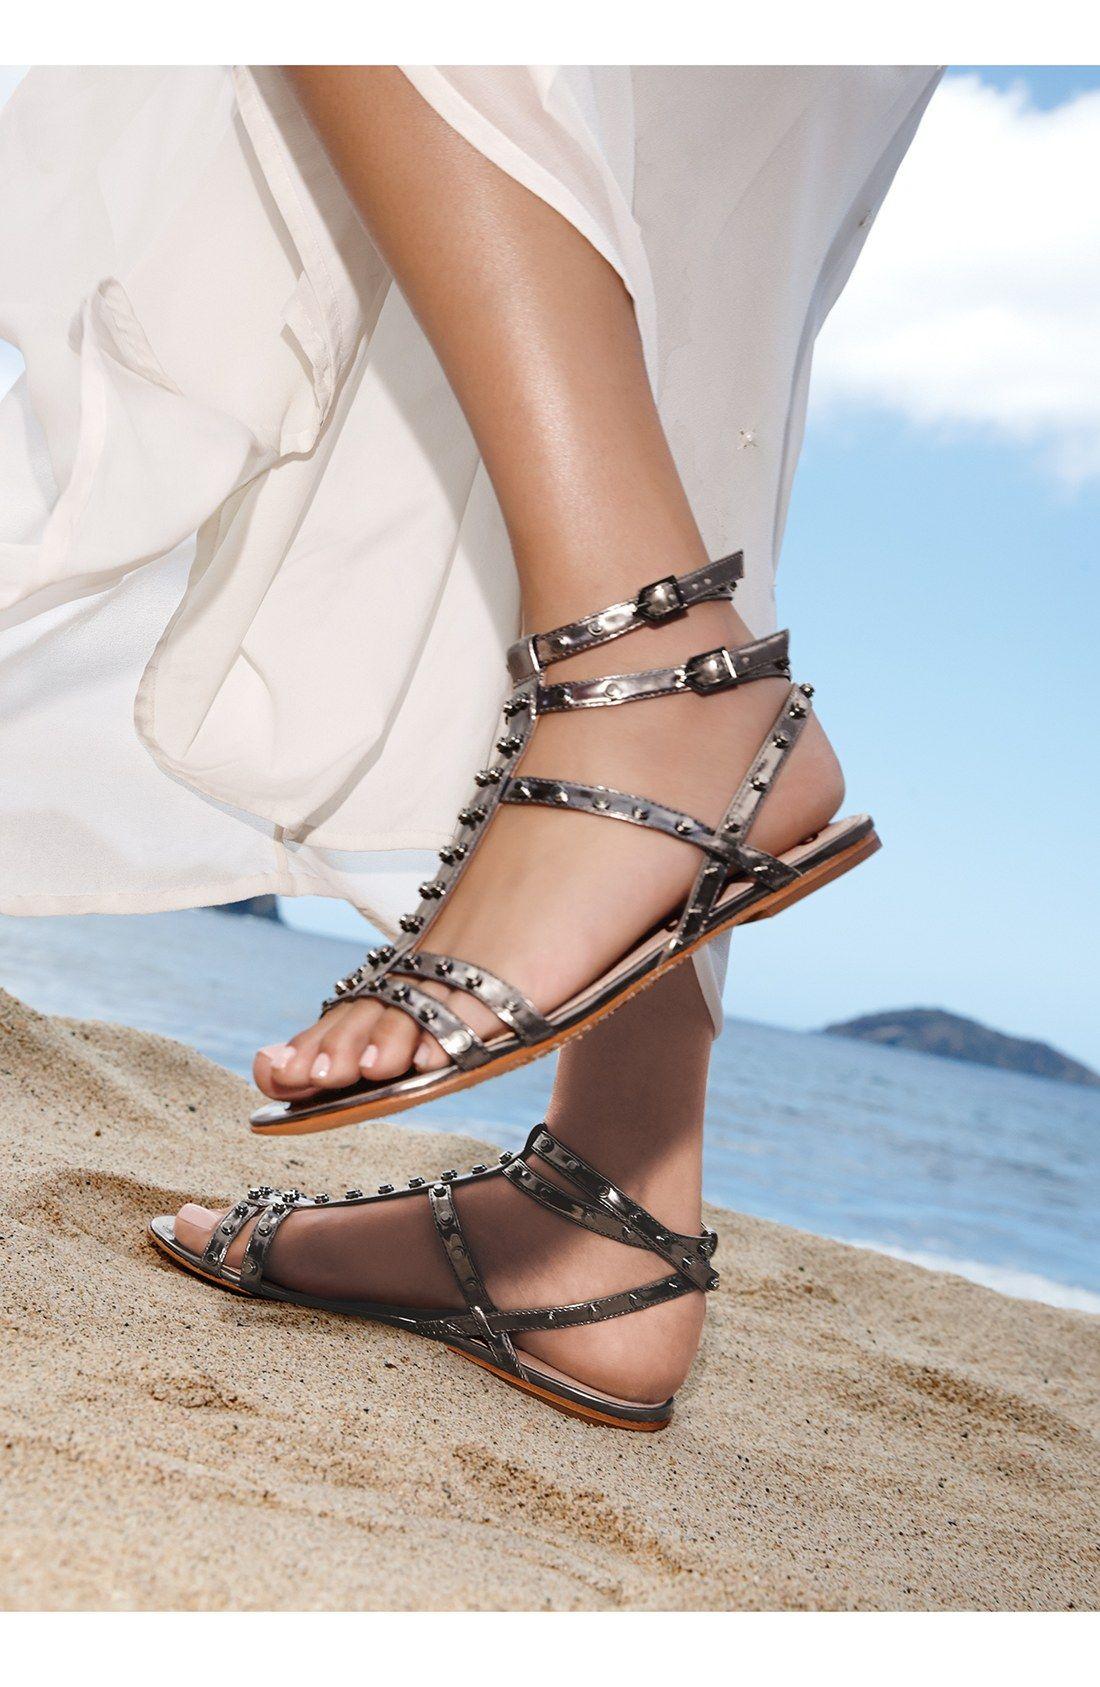 780b3e58243 Glam Sam Edelman sandals for the beach.